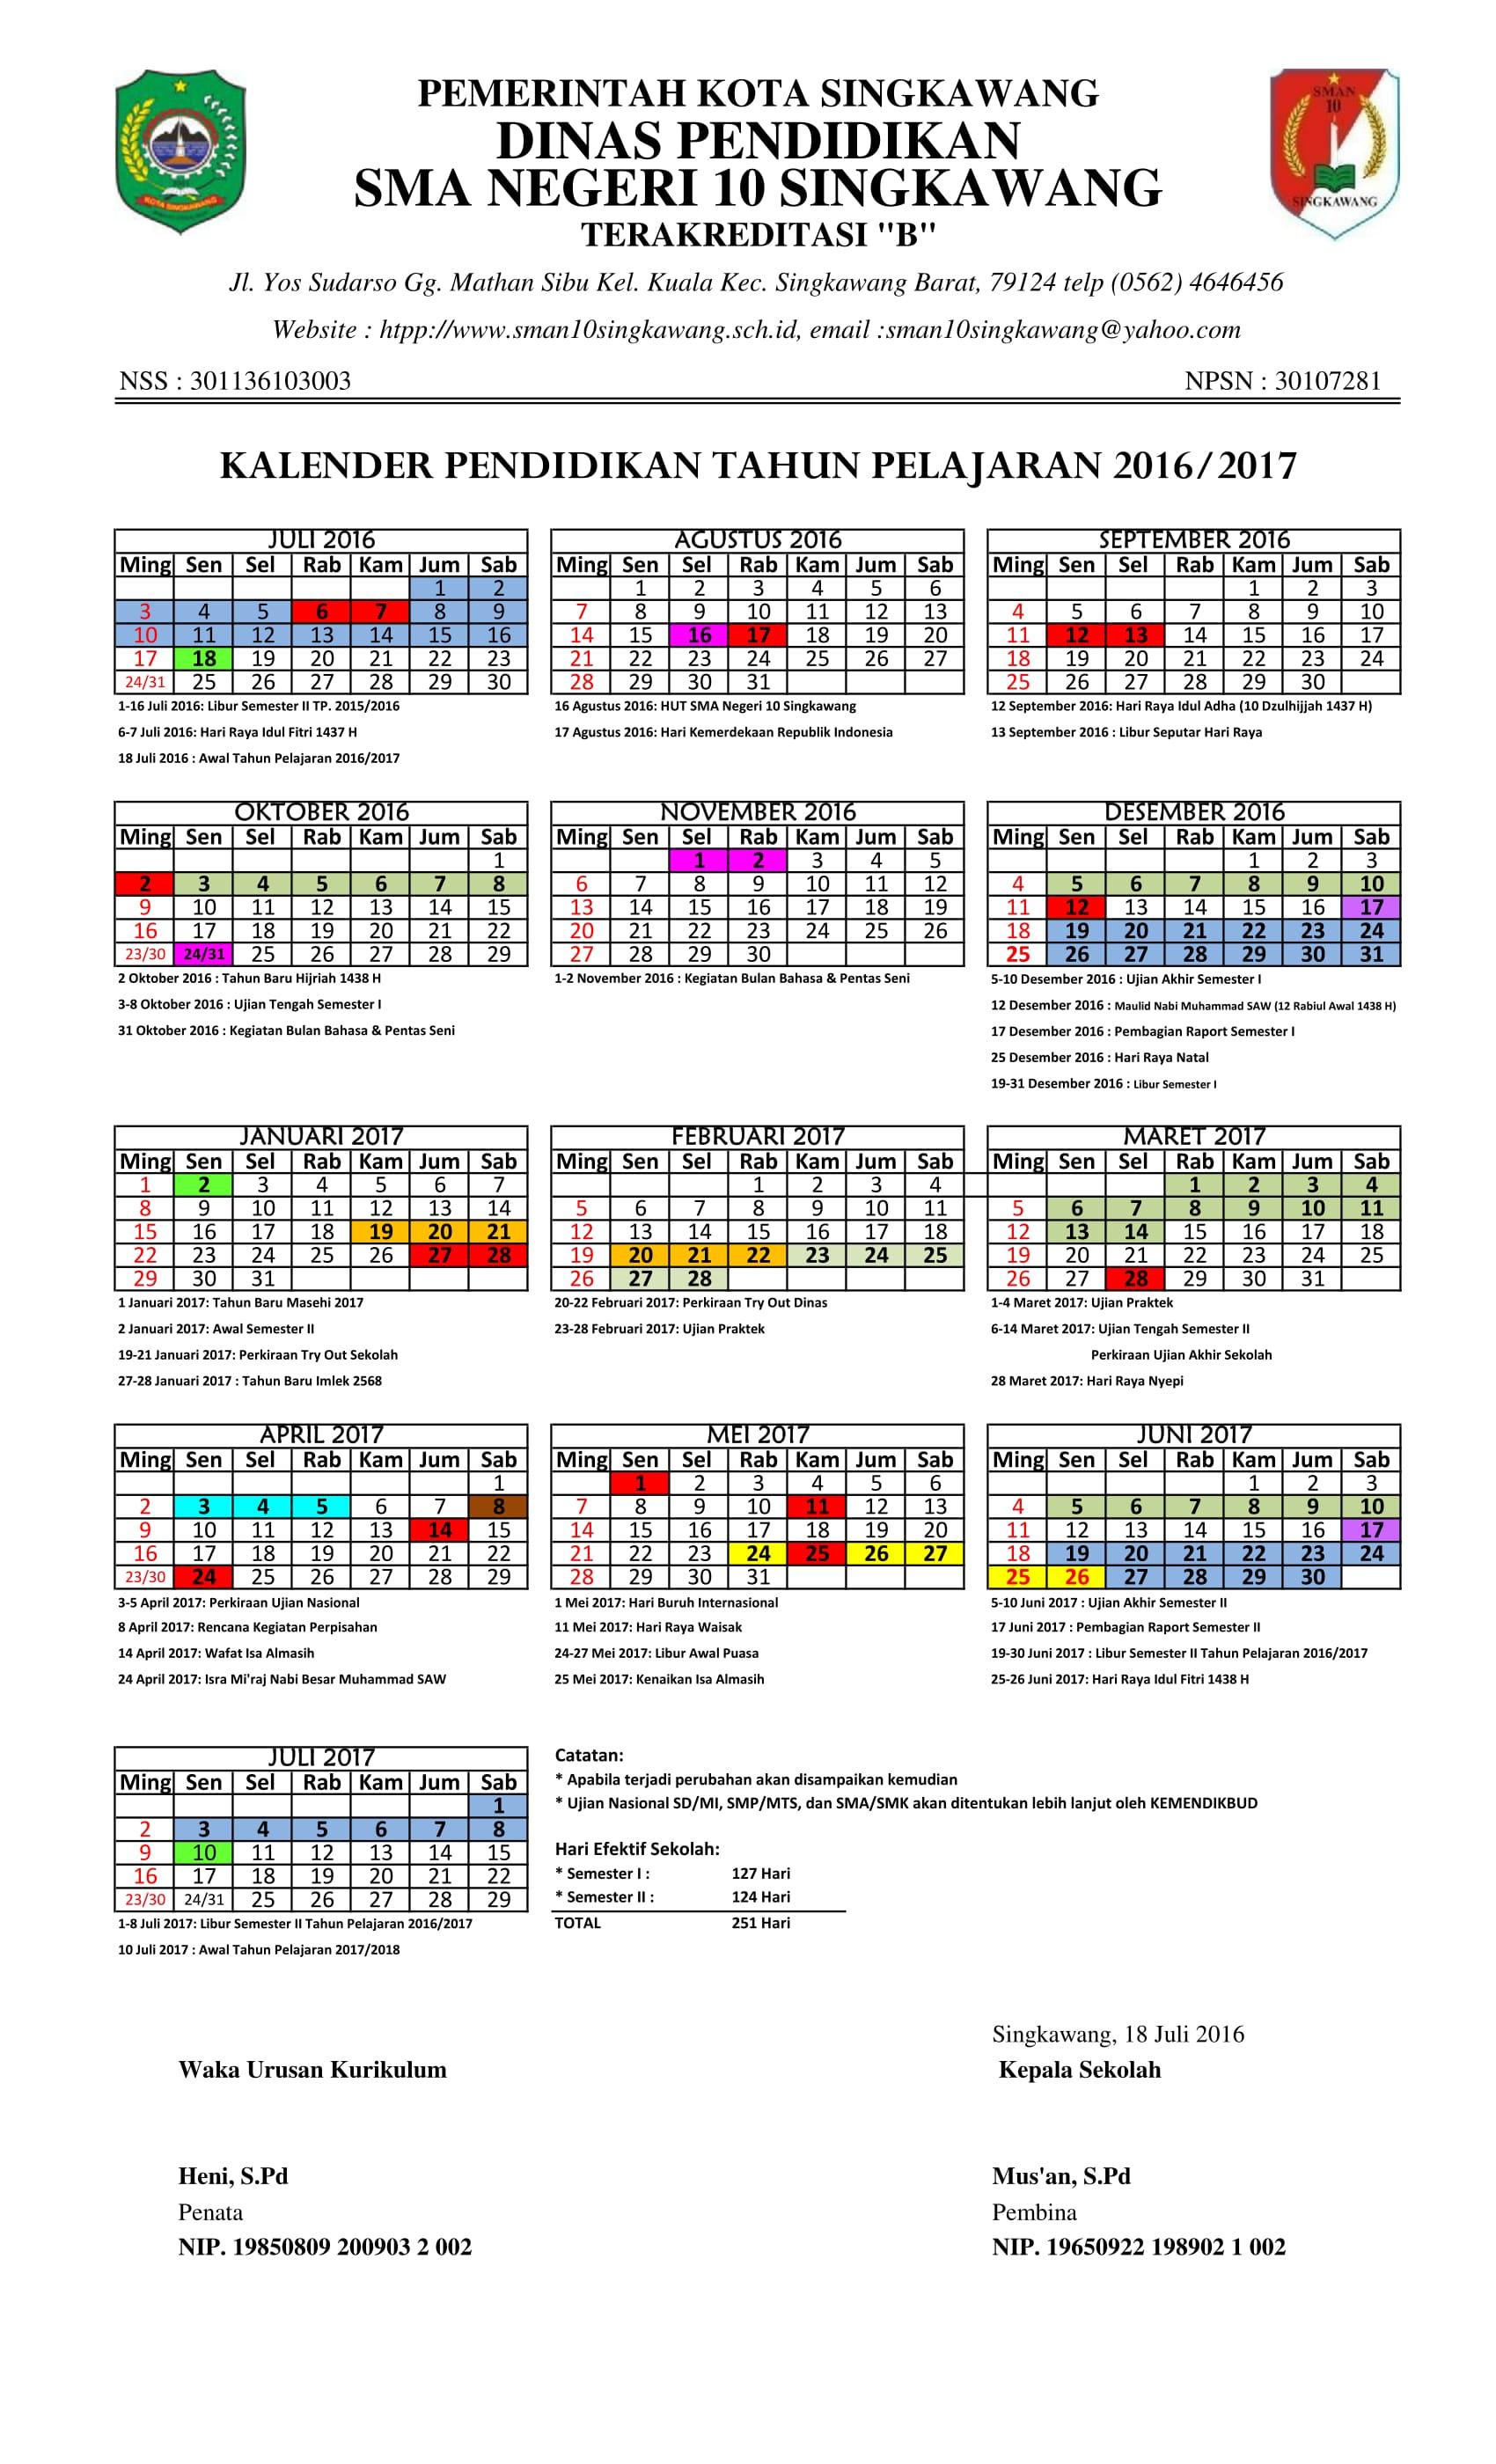 kalender-pendidikan-2016-2017